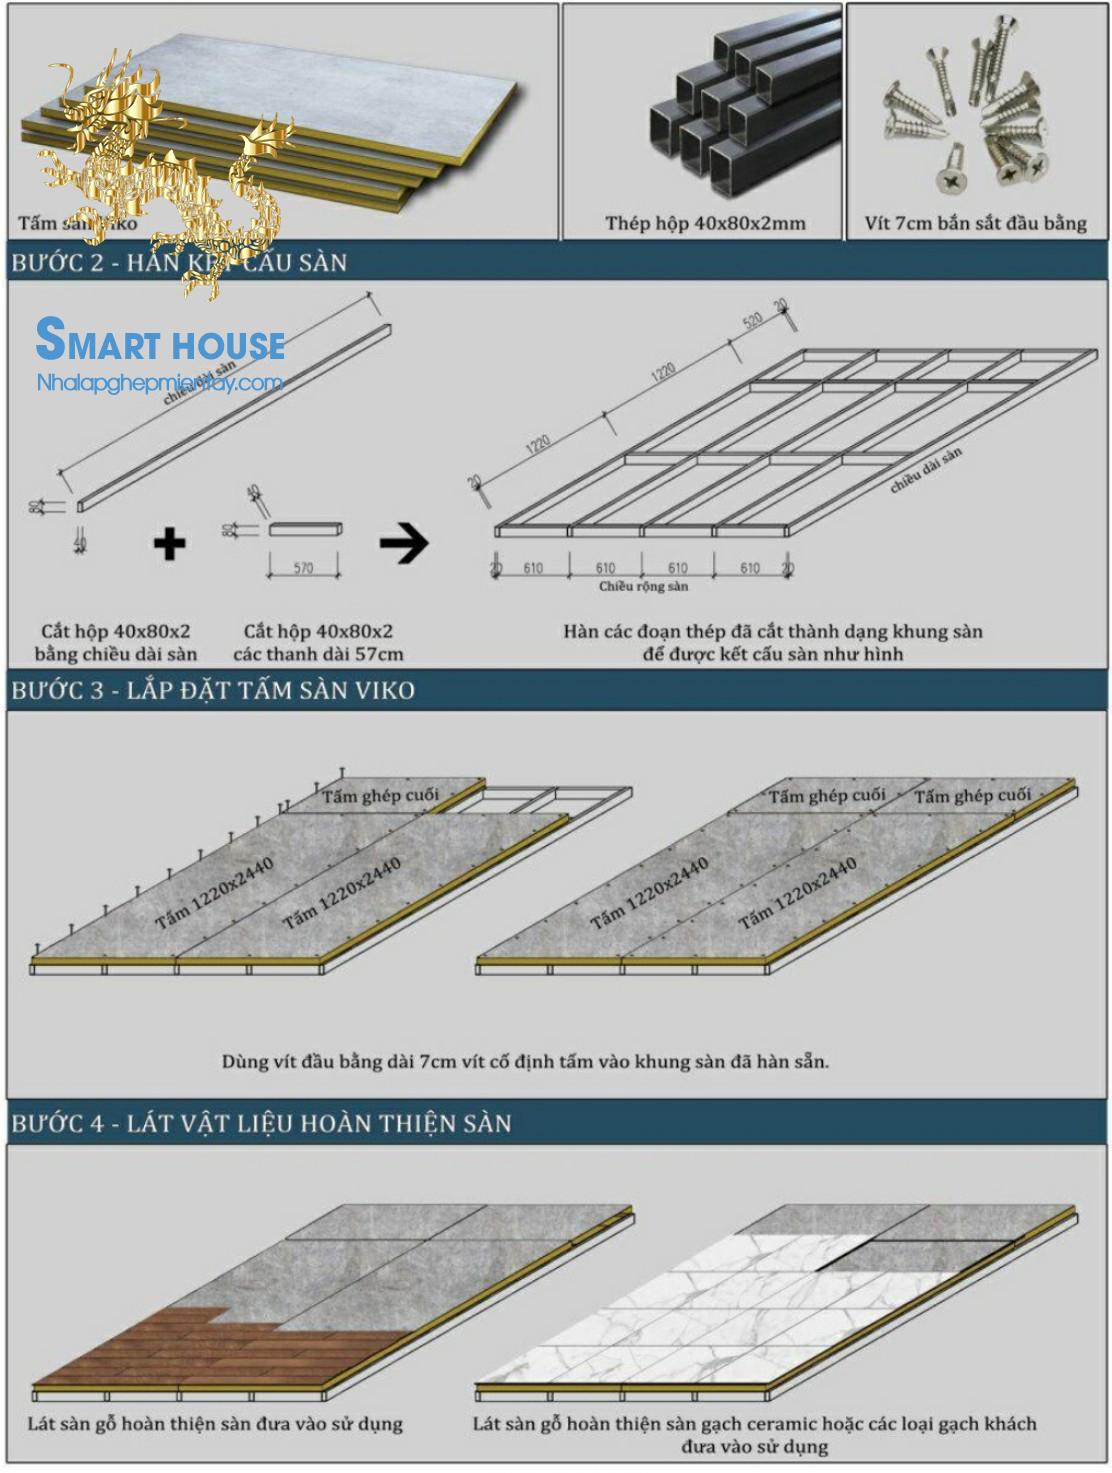 Tấm sàn chịu lực siêu nhẹ, công nghệ Nhật Bản